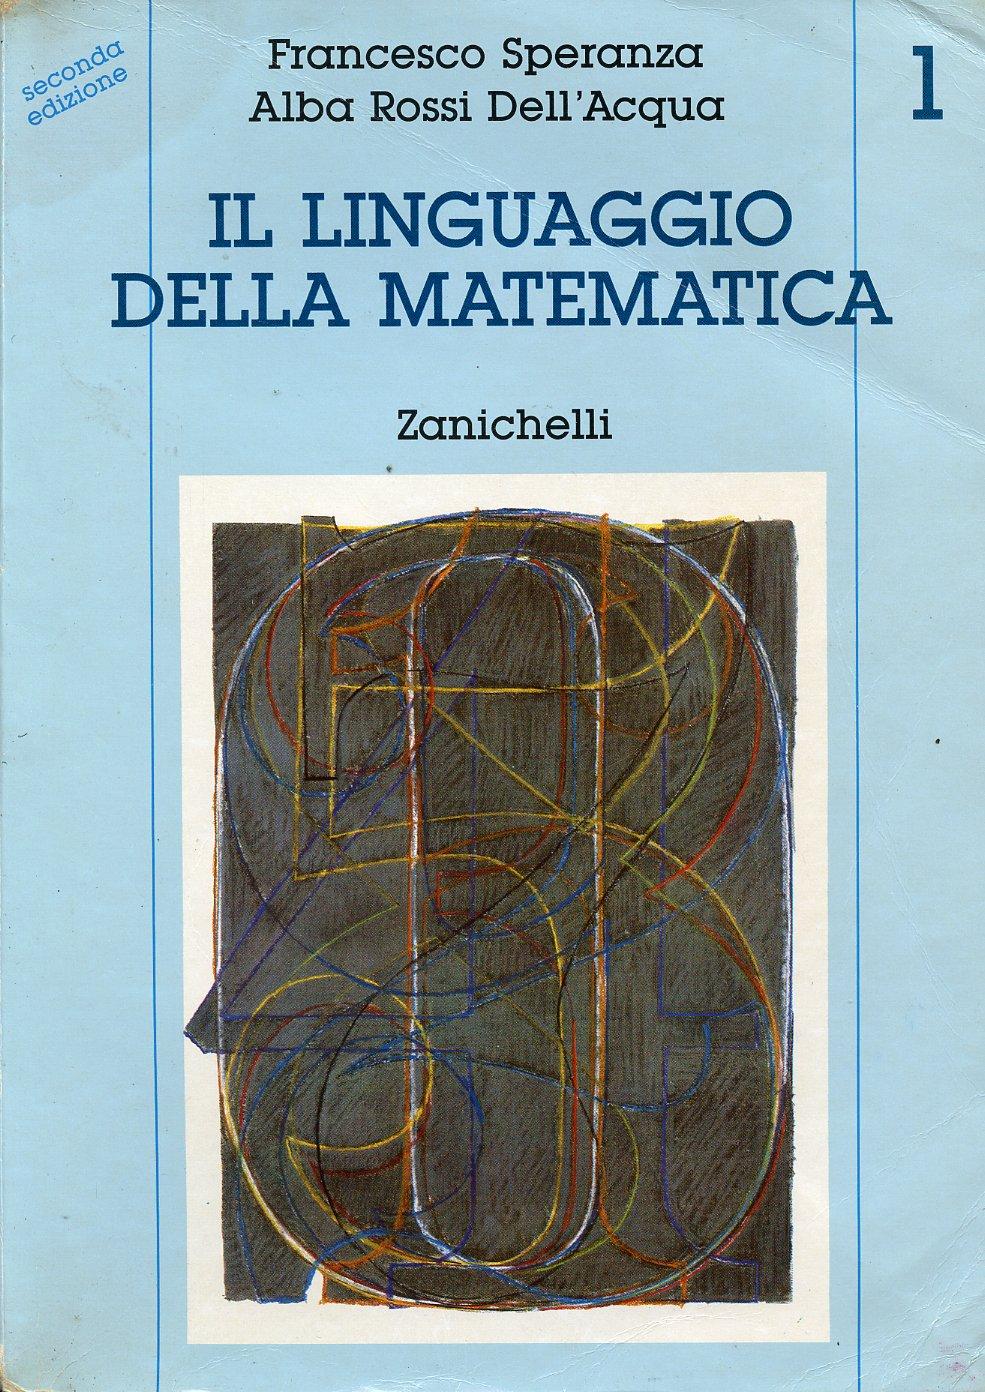 Il linguaggio della matematica - Vol. 1